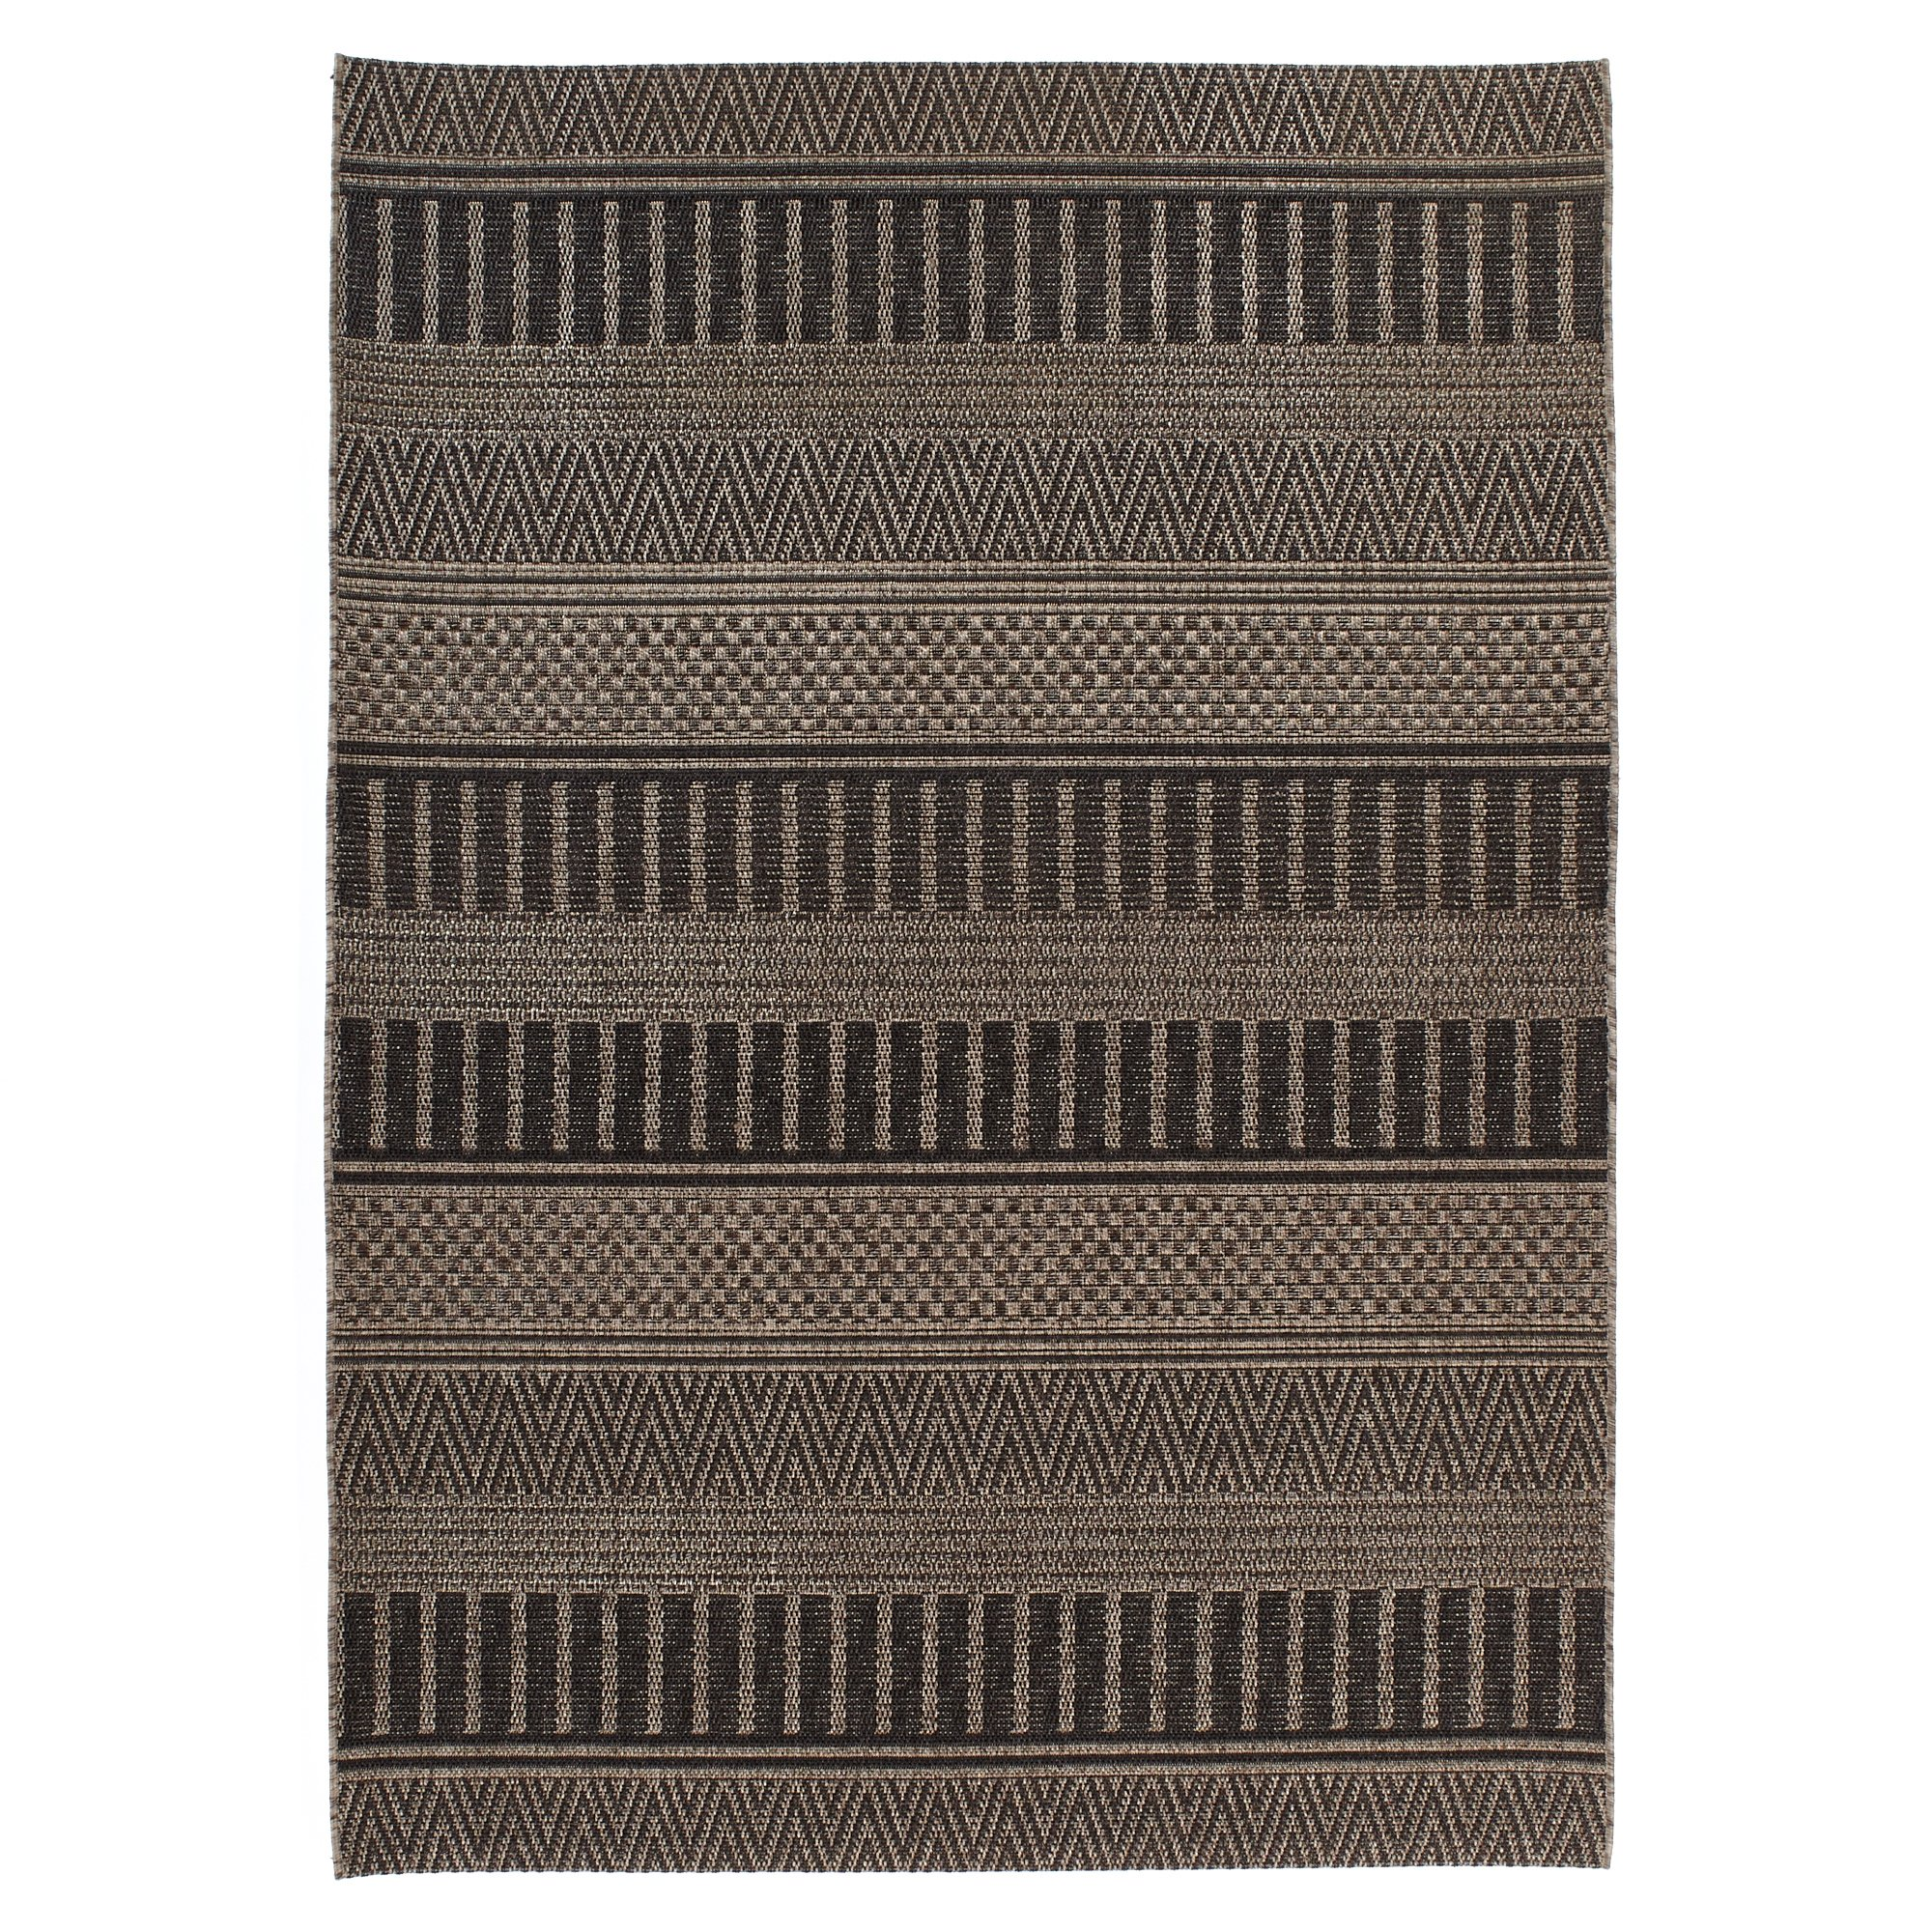 Carpet Art Deco Bay Club Collection Indoor Outdoor Rug, 5'3'' x7'5, Grey